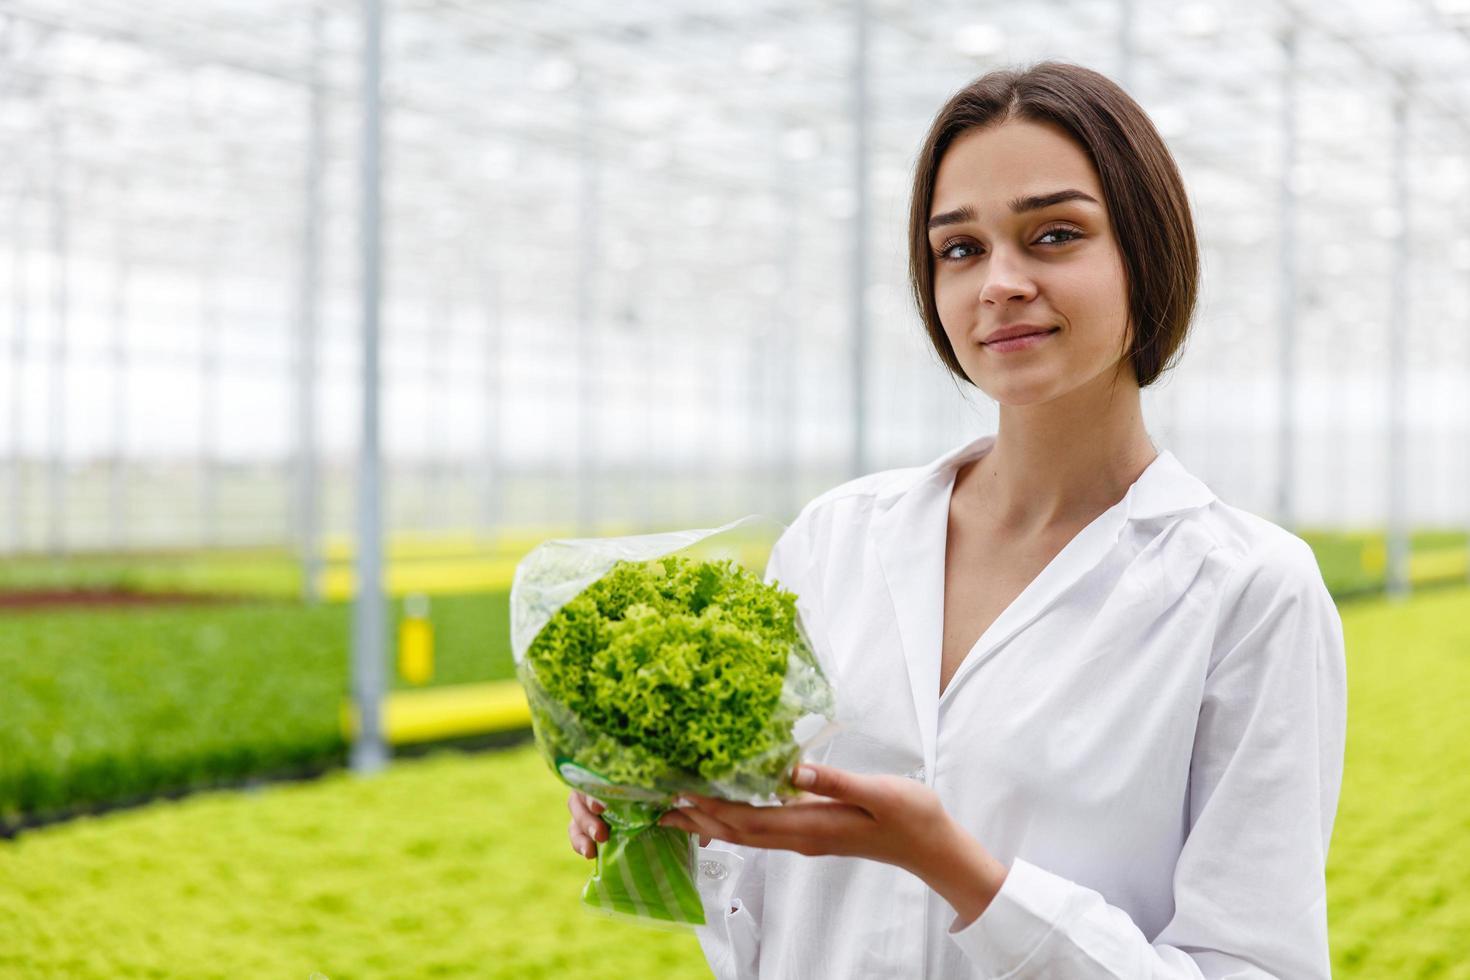 vrouwelijke onderzoeker met plant foto